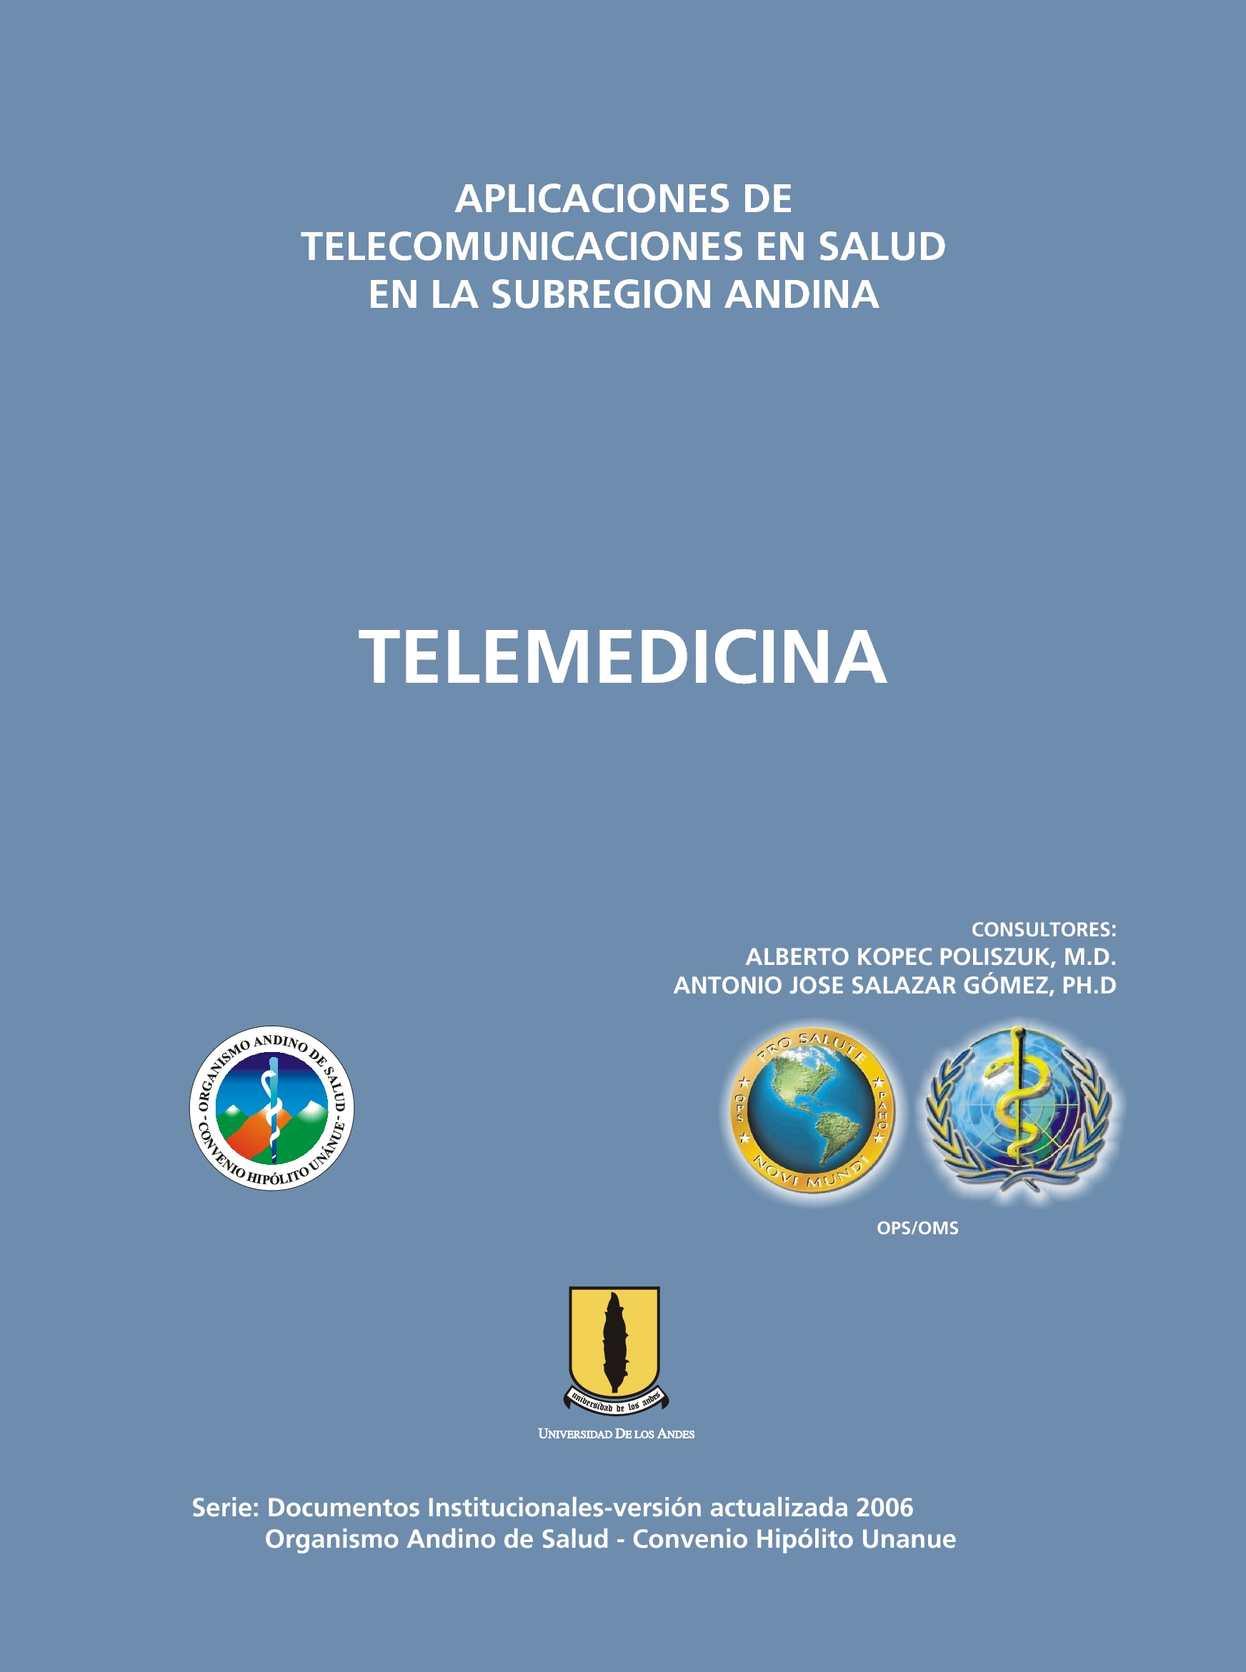 5402d7d3a0b Calaméo - APLICACIONES DE TELECOMUNICACIONES EN SALUD EN LA SUBREGION  ANDINA- telemedicina